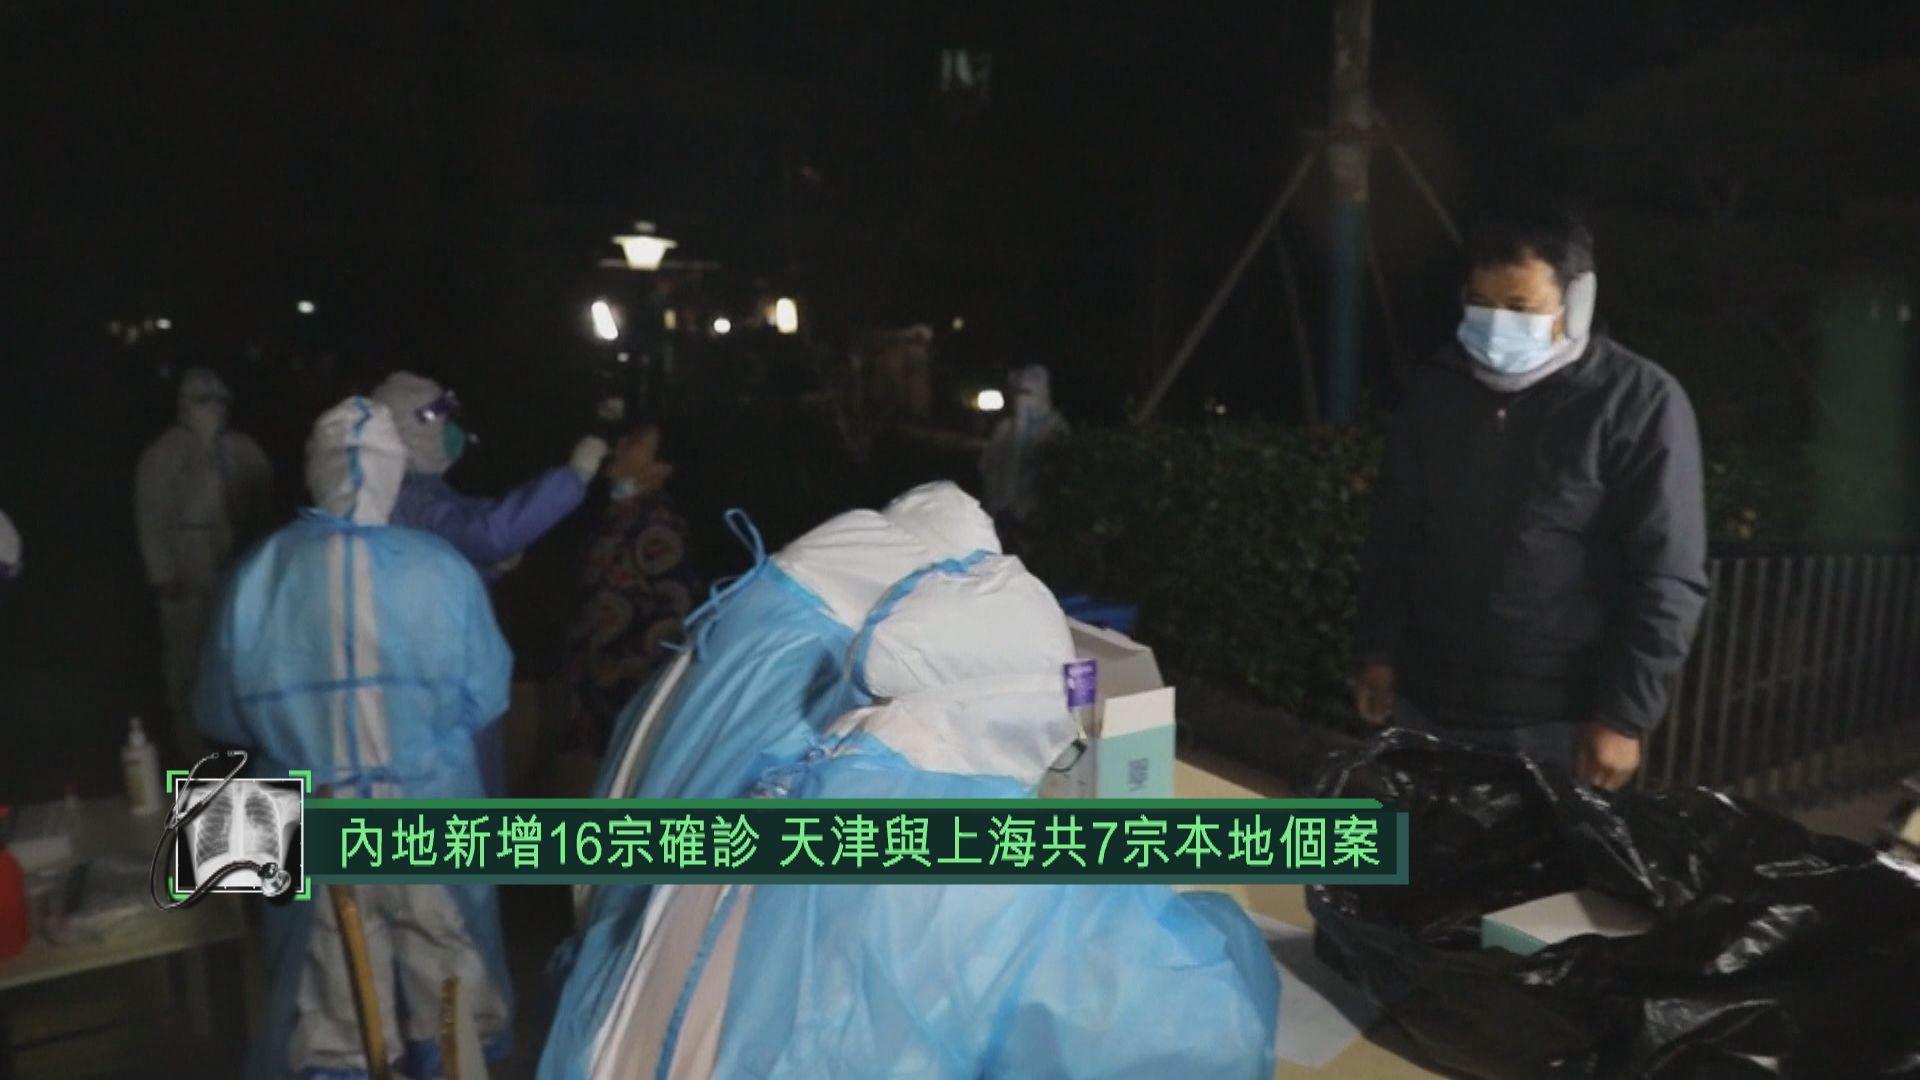 內地昨日增16宗確診病例 天津上海共7宗本地個案